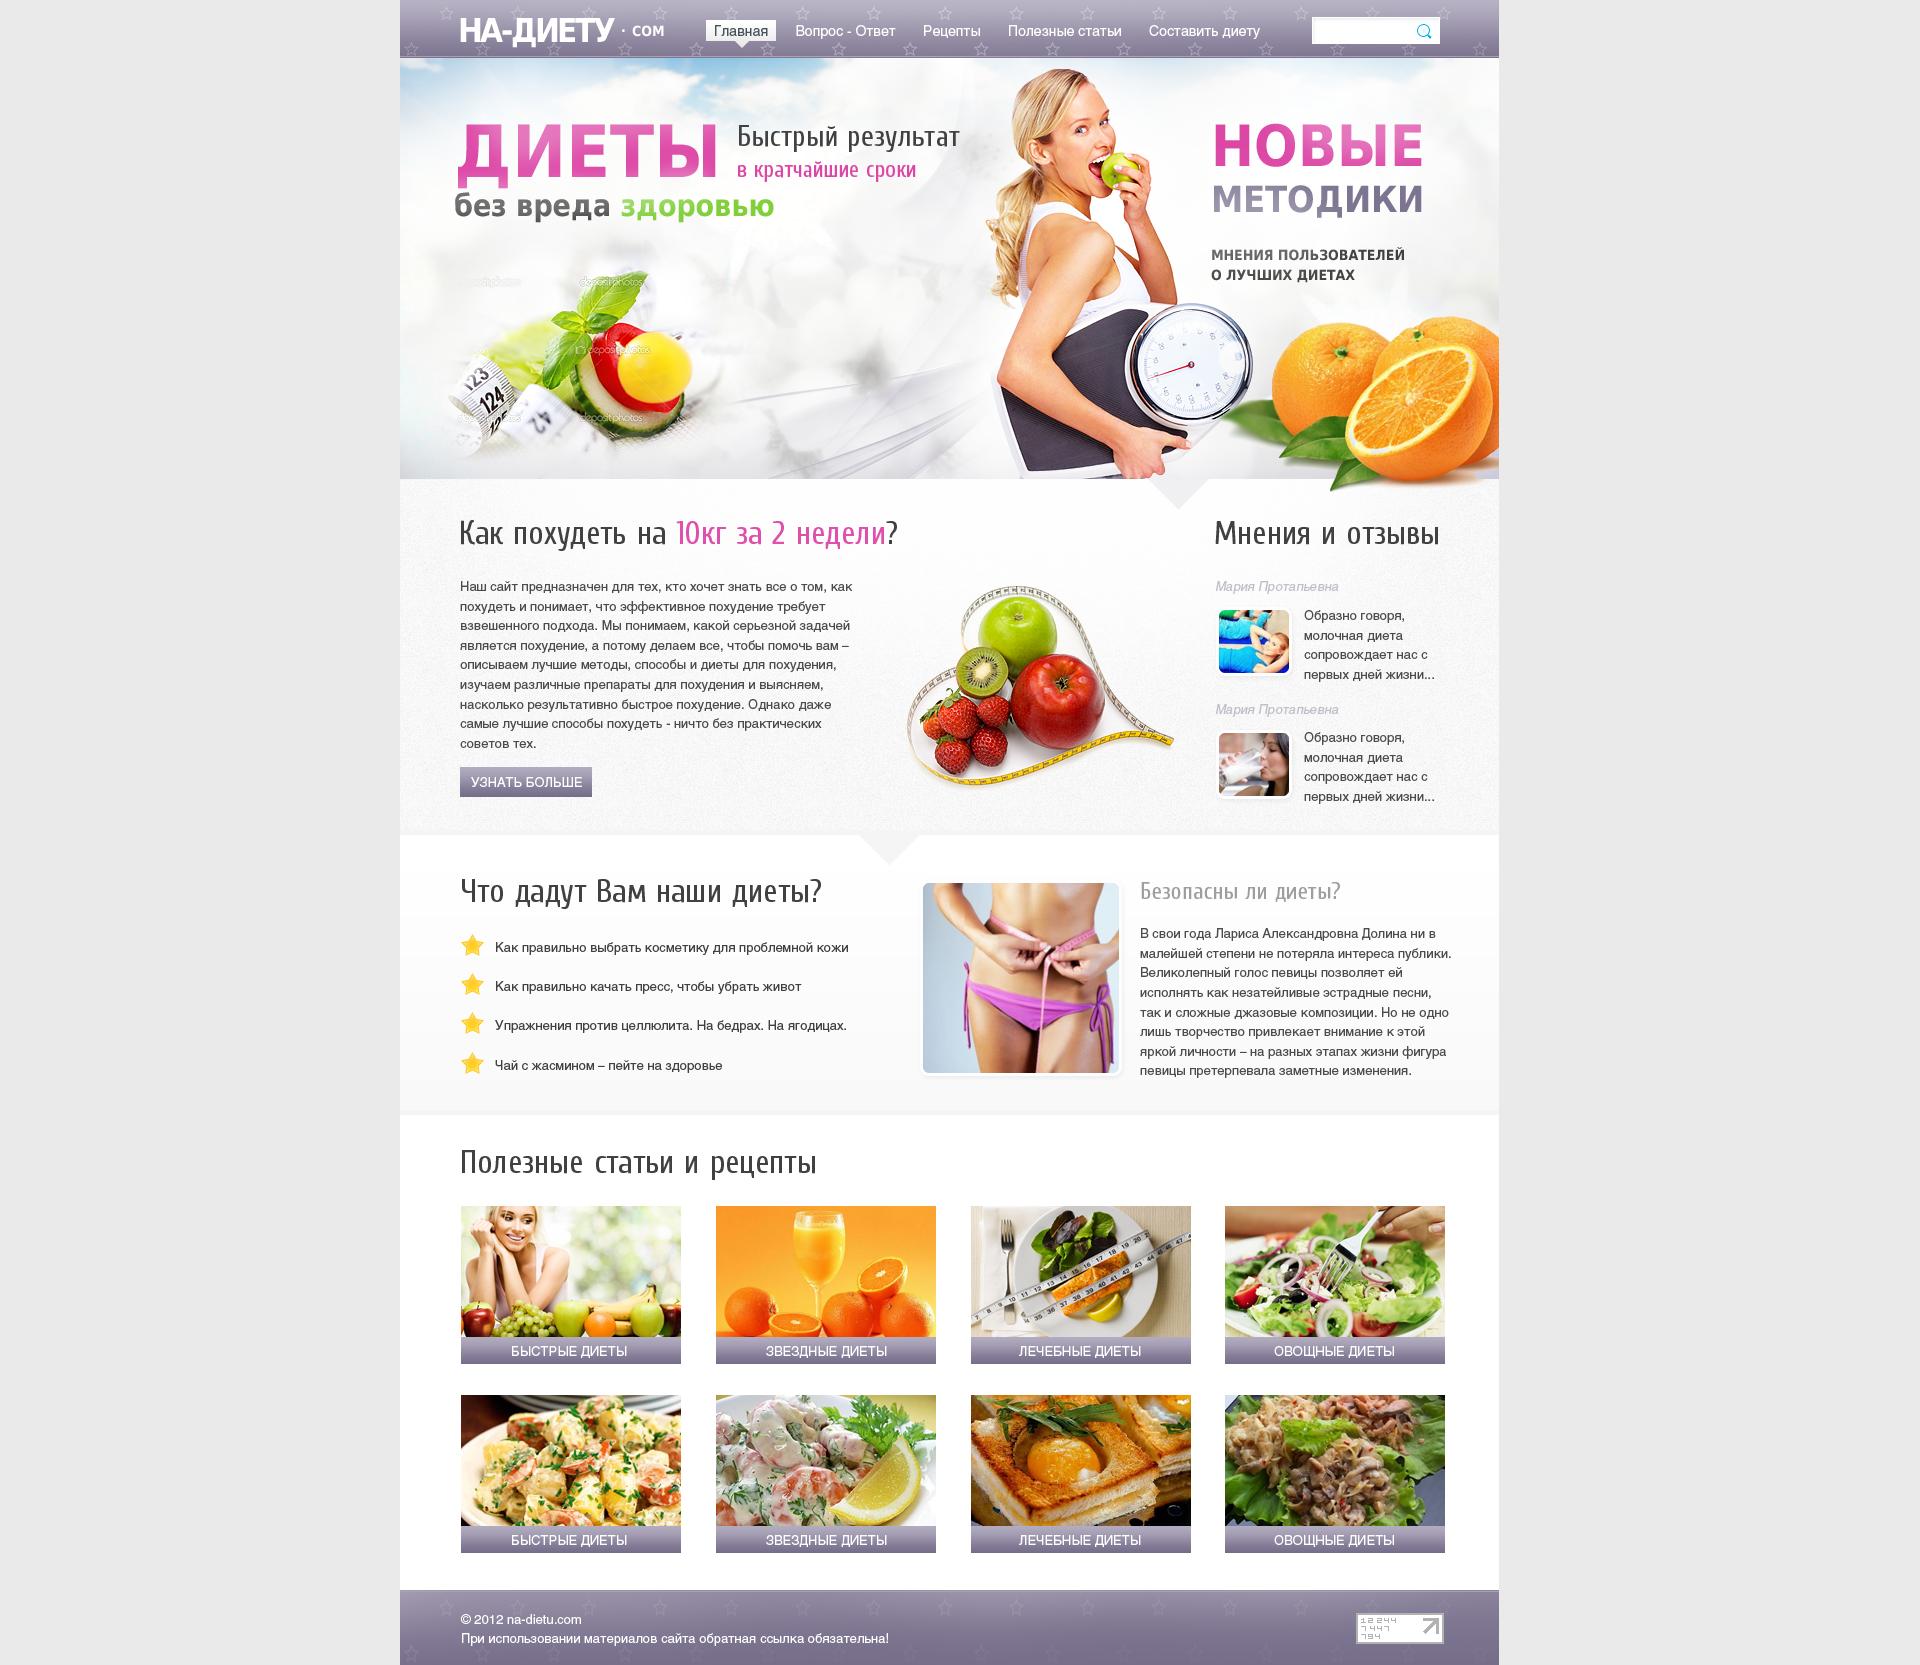 Рецепты Эффективных Диет Для Быстрого Похудения. Самая эффективная диета для похудения в домашних условиях